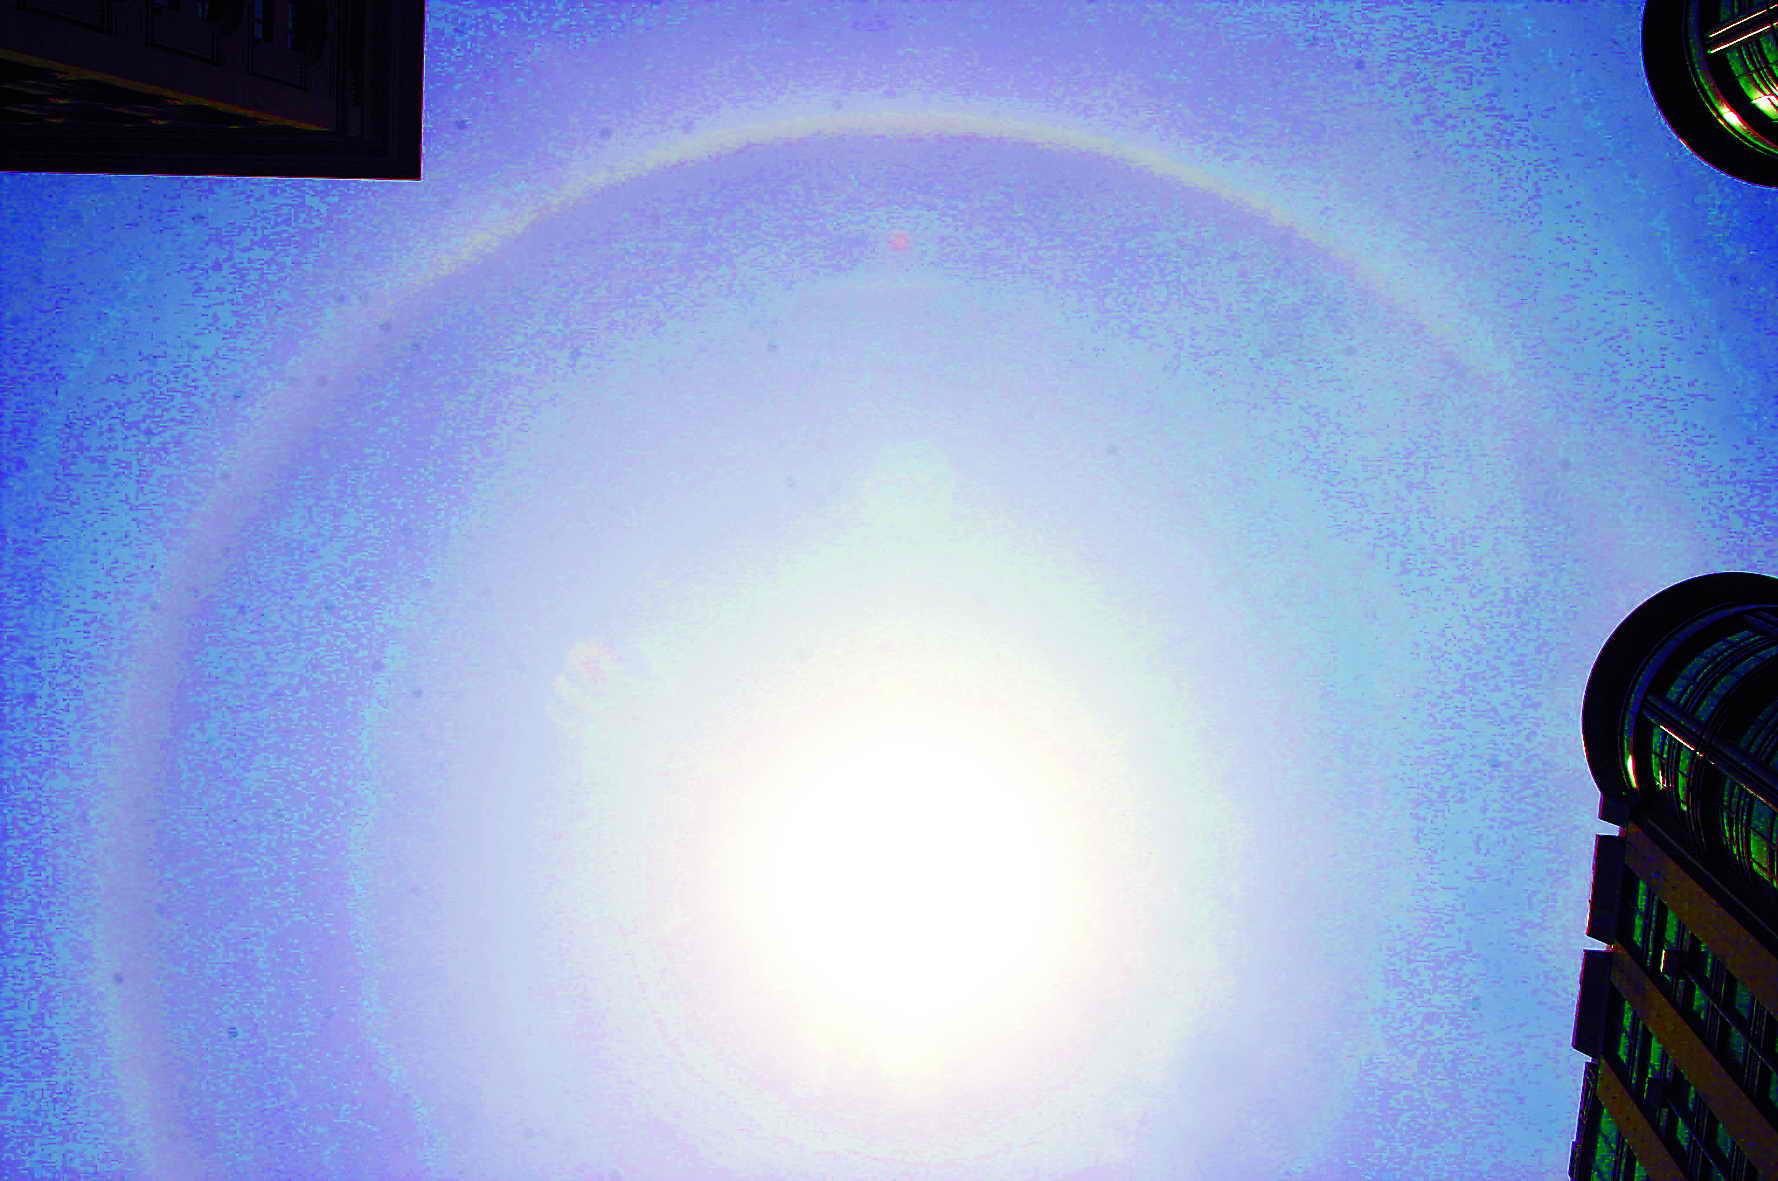 断观察。由于昨天恰逢父亲节,有市民幽默地说:宇宙也过起了父亲节,将太阳打扮得这般靓丽。   记者拨打了北京市气象台专家热线,值班专家介绍说,这种现象叫做晕圈,出现在太阳周围称之为日晕,出现在月亮周围则称之为月晕。至于昨天的晕圈为何特别大,专家解释说,这种现象其实是阳光透过由冰晶构成的卷层云折射出各种颜色的光线形成的。具体来说,如果冰晶是横着下降的,阳光从冰晶的侧面进出,出现的晕圈较小;如果冰晶竖着下降,光线从侧面进底面出,就会出现较大的晕圈。   专家表示,这种现象在民间也称之为